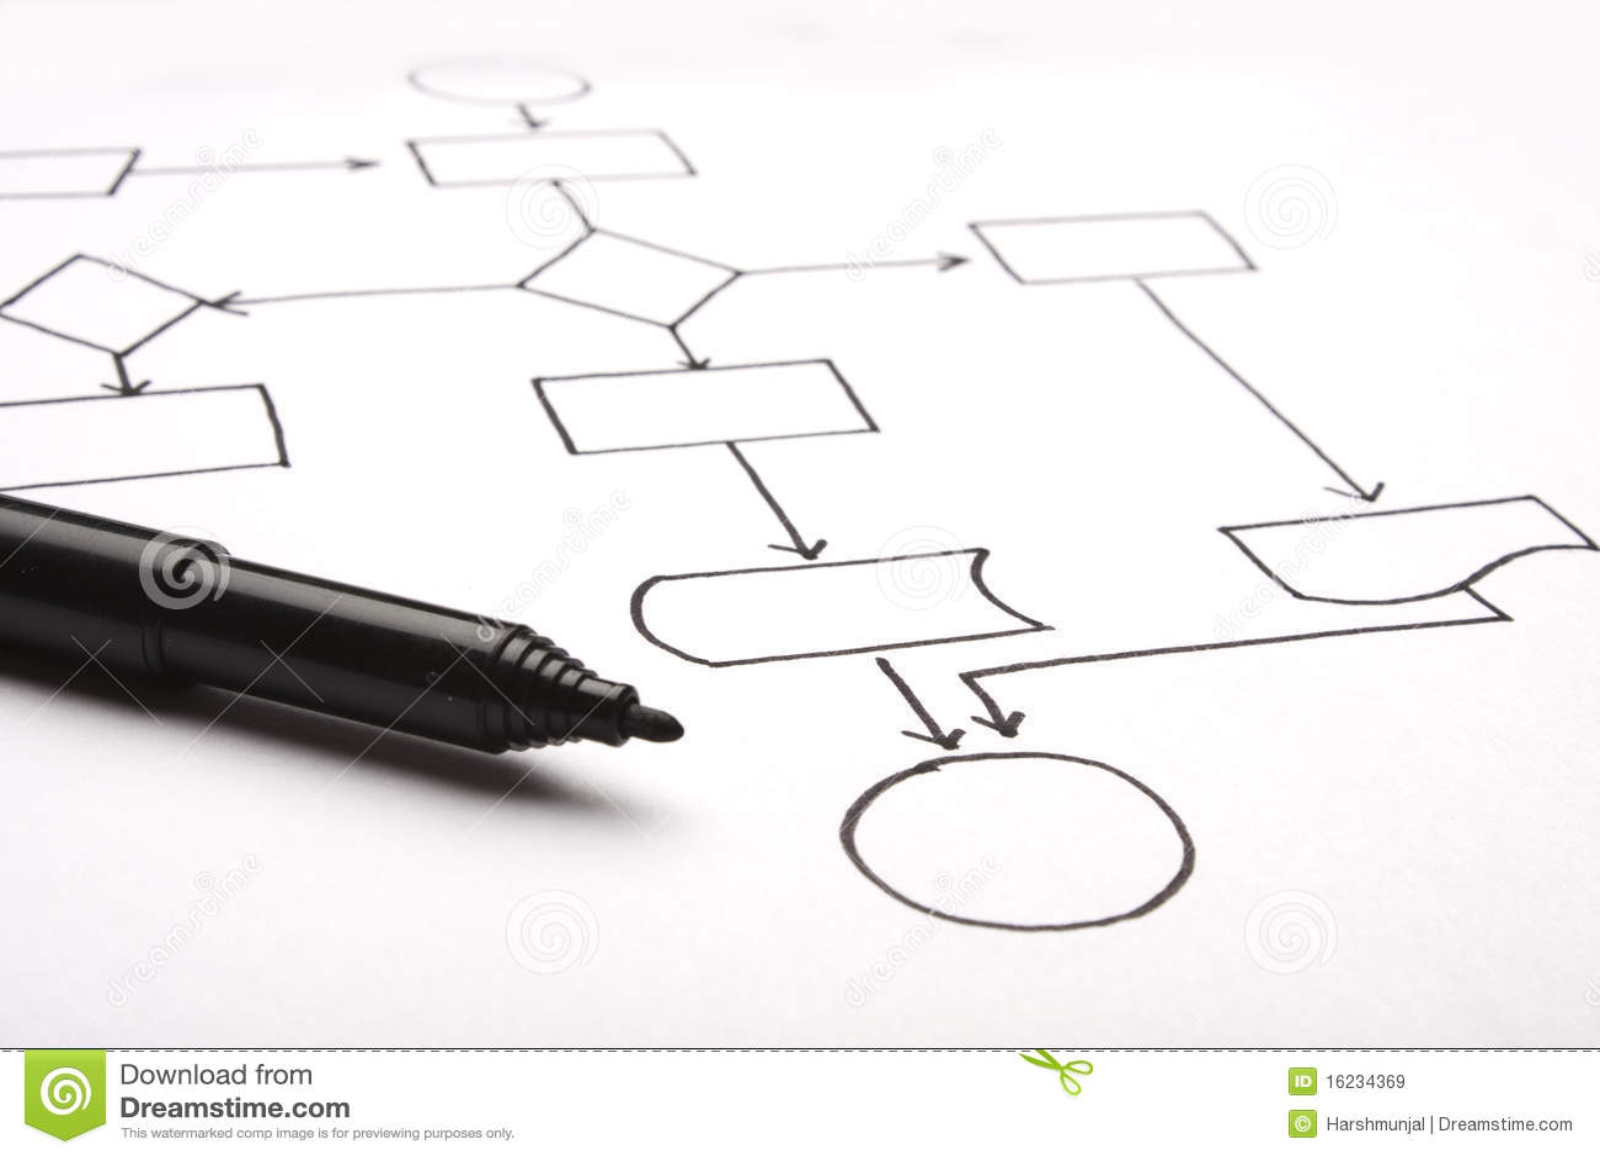 Flussdiagramm Lizenzfreie Stockbilder